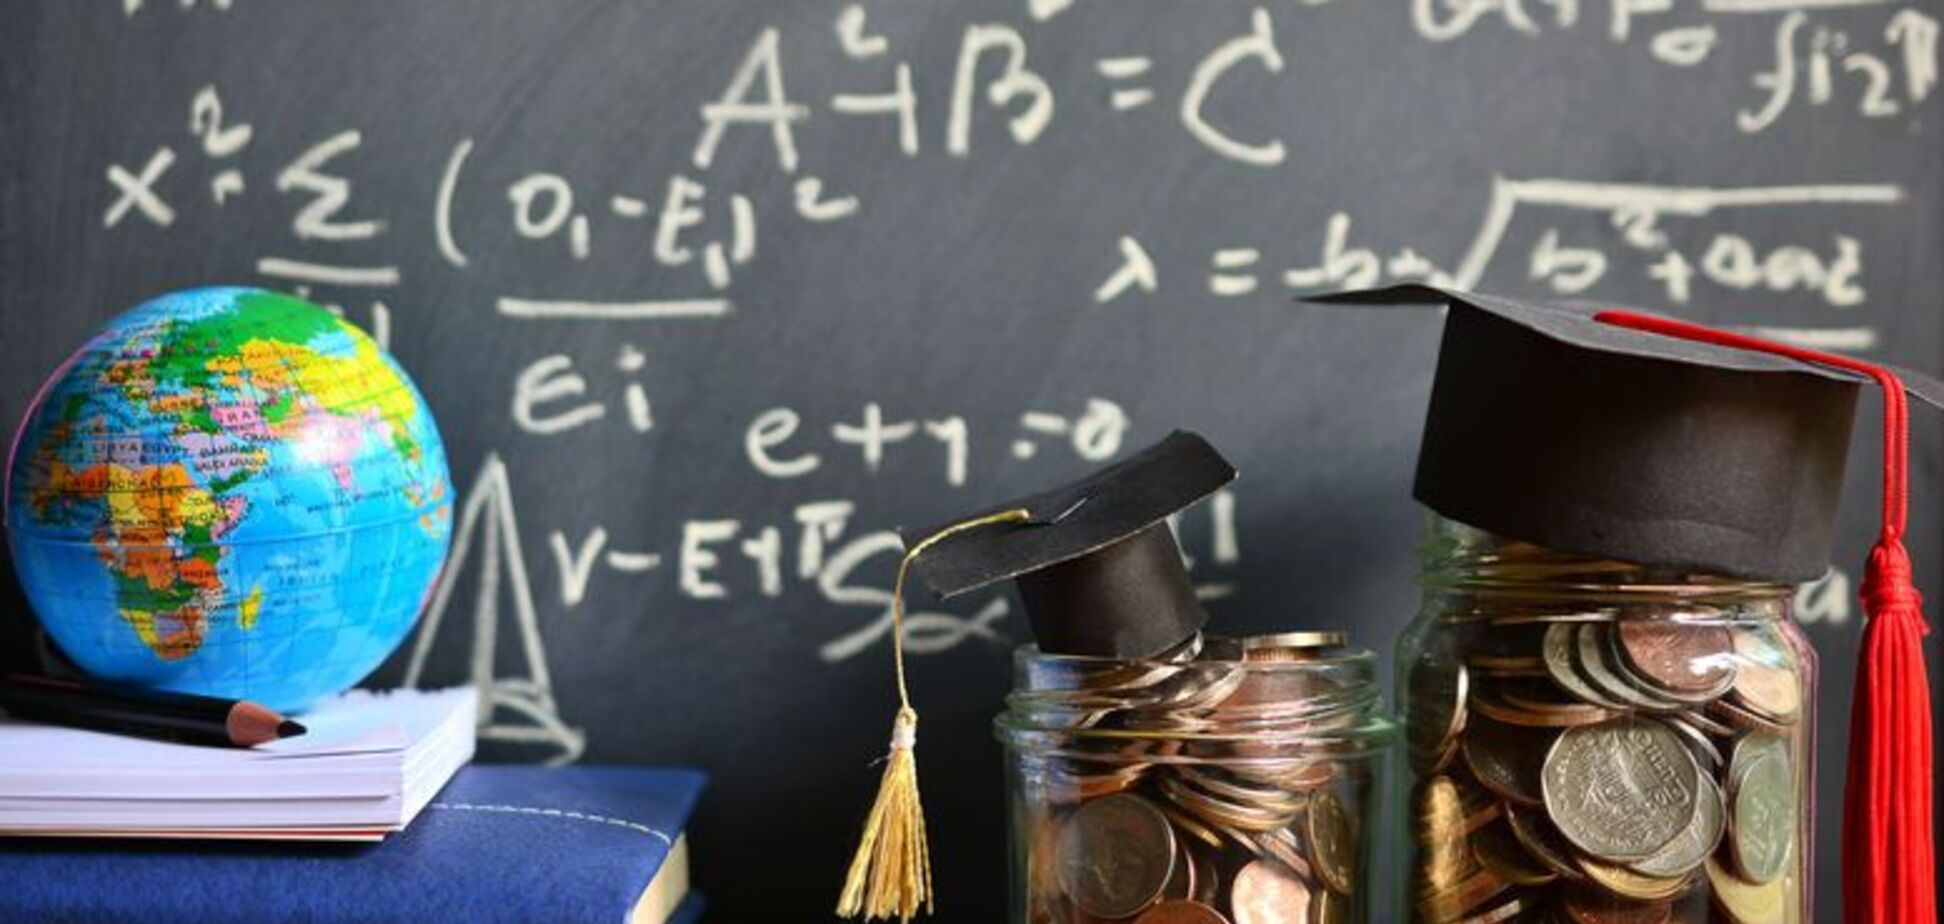 Як вчителям отримати обіцяну надбавку: освітній омбудсмен України прояснив питання